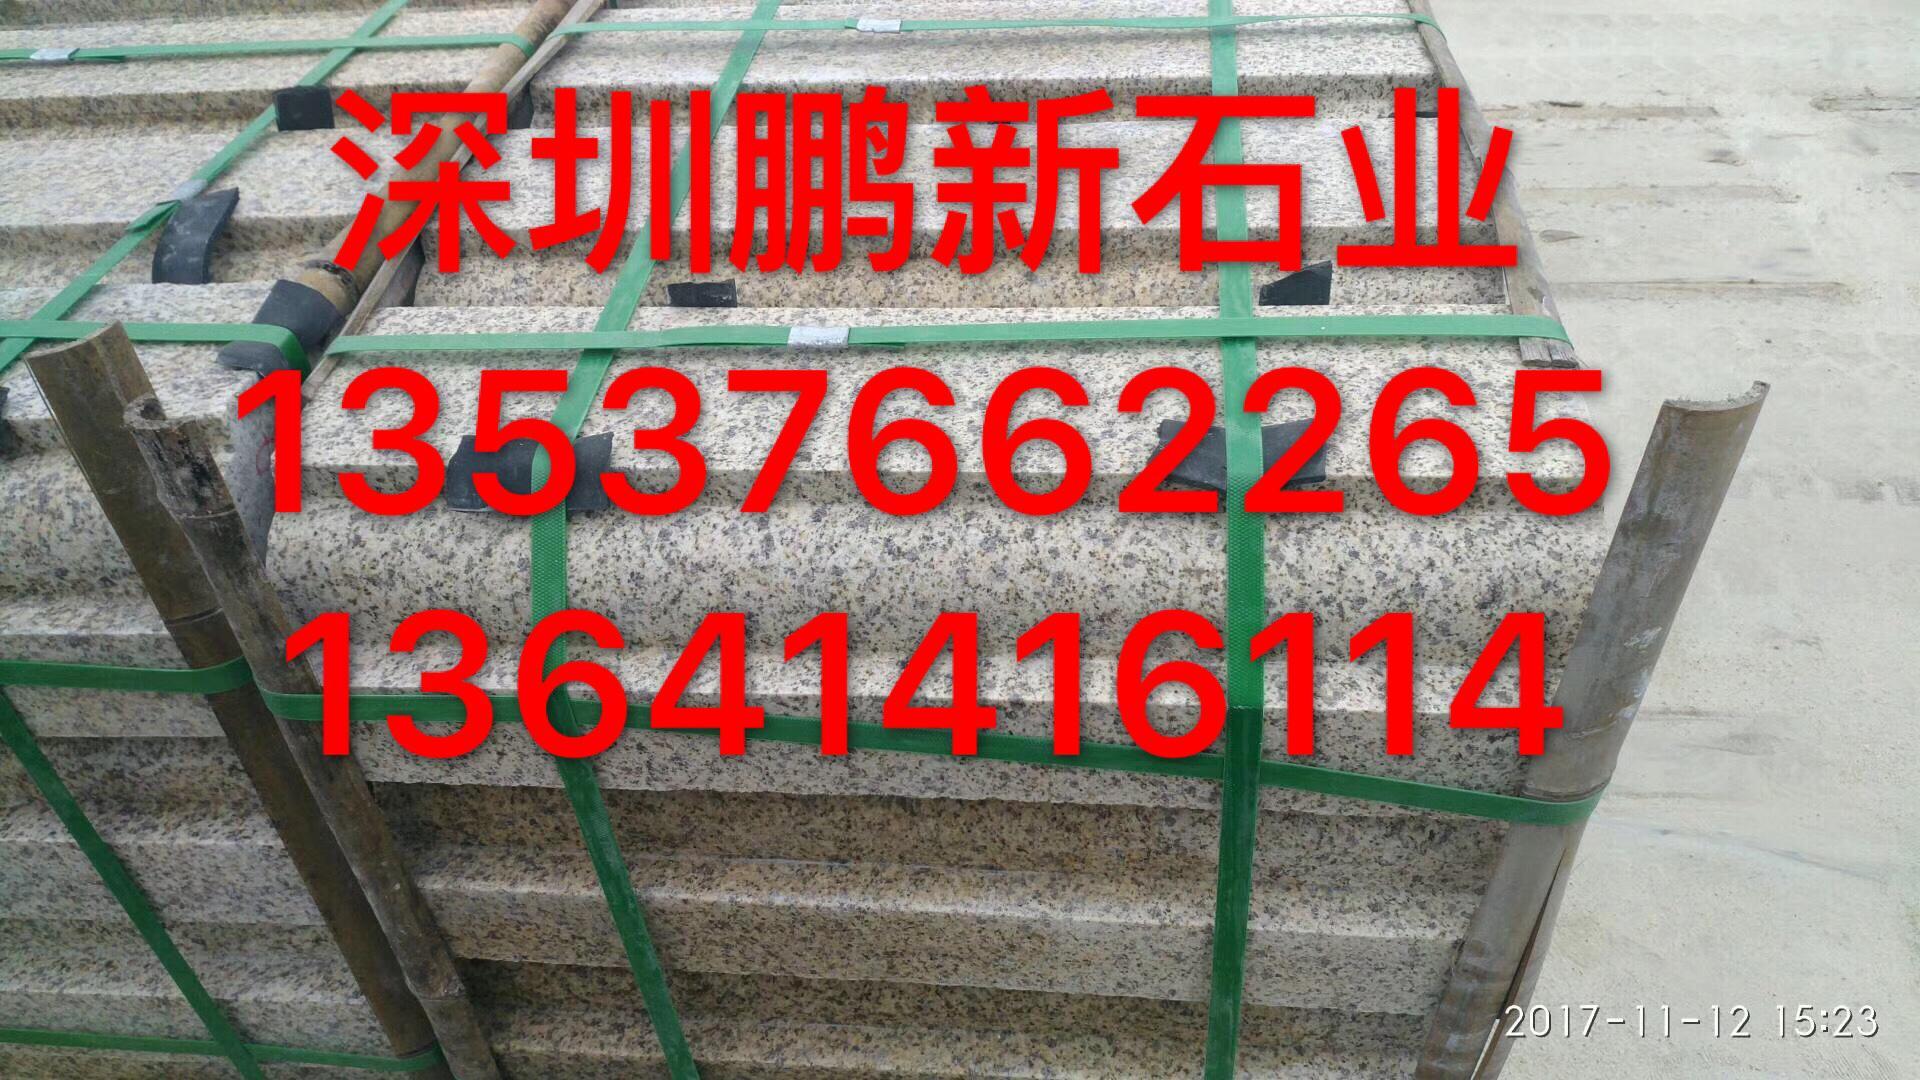 深圳石材市場 深圳三磊石材 深圳市三磊石材 東莞大理石 2